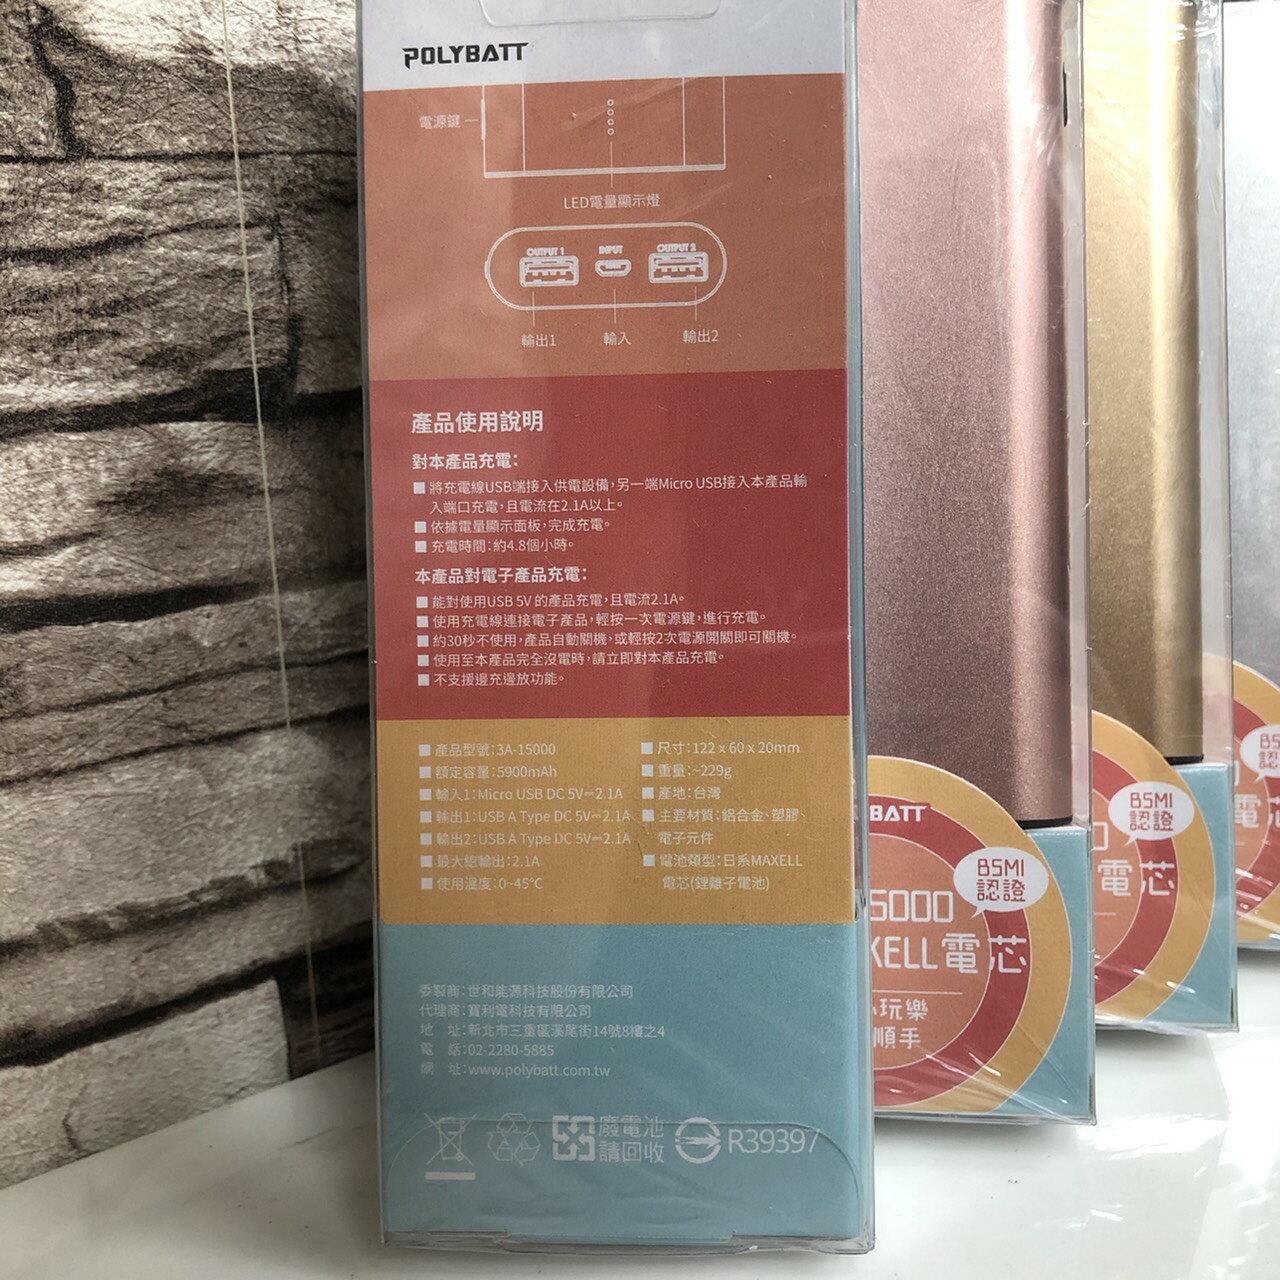 POLYBATT 雙USB行動電源 5V 2.1A 額定容量5900mAh 3A-15000(小資購物站) 7